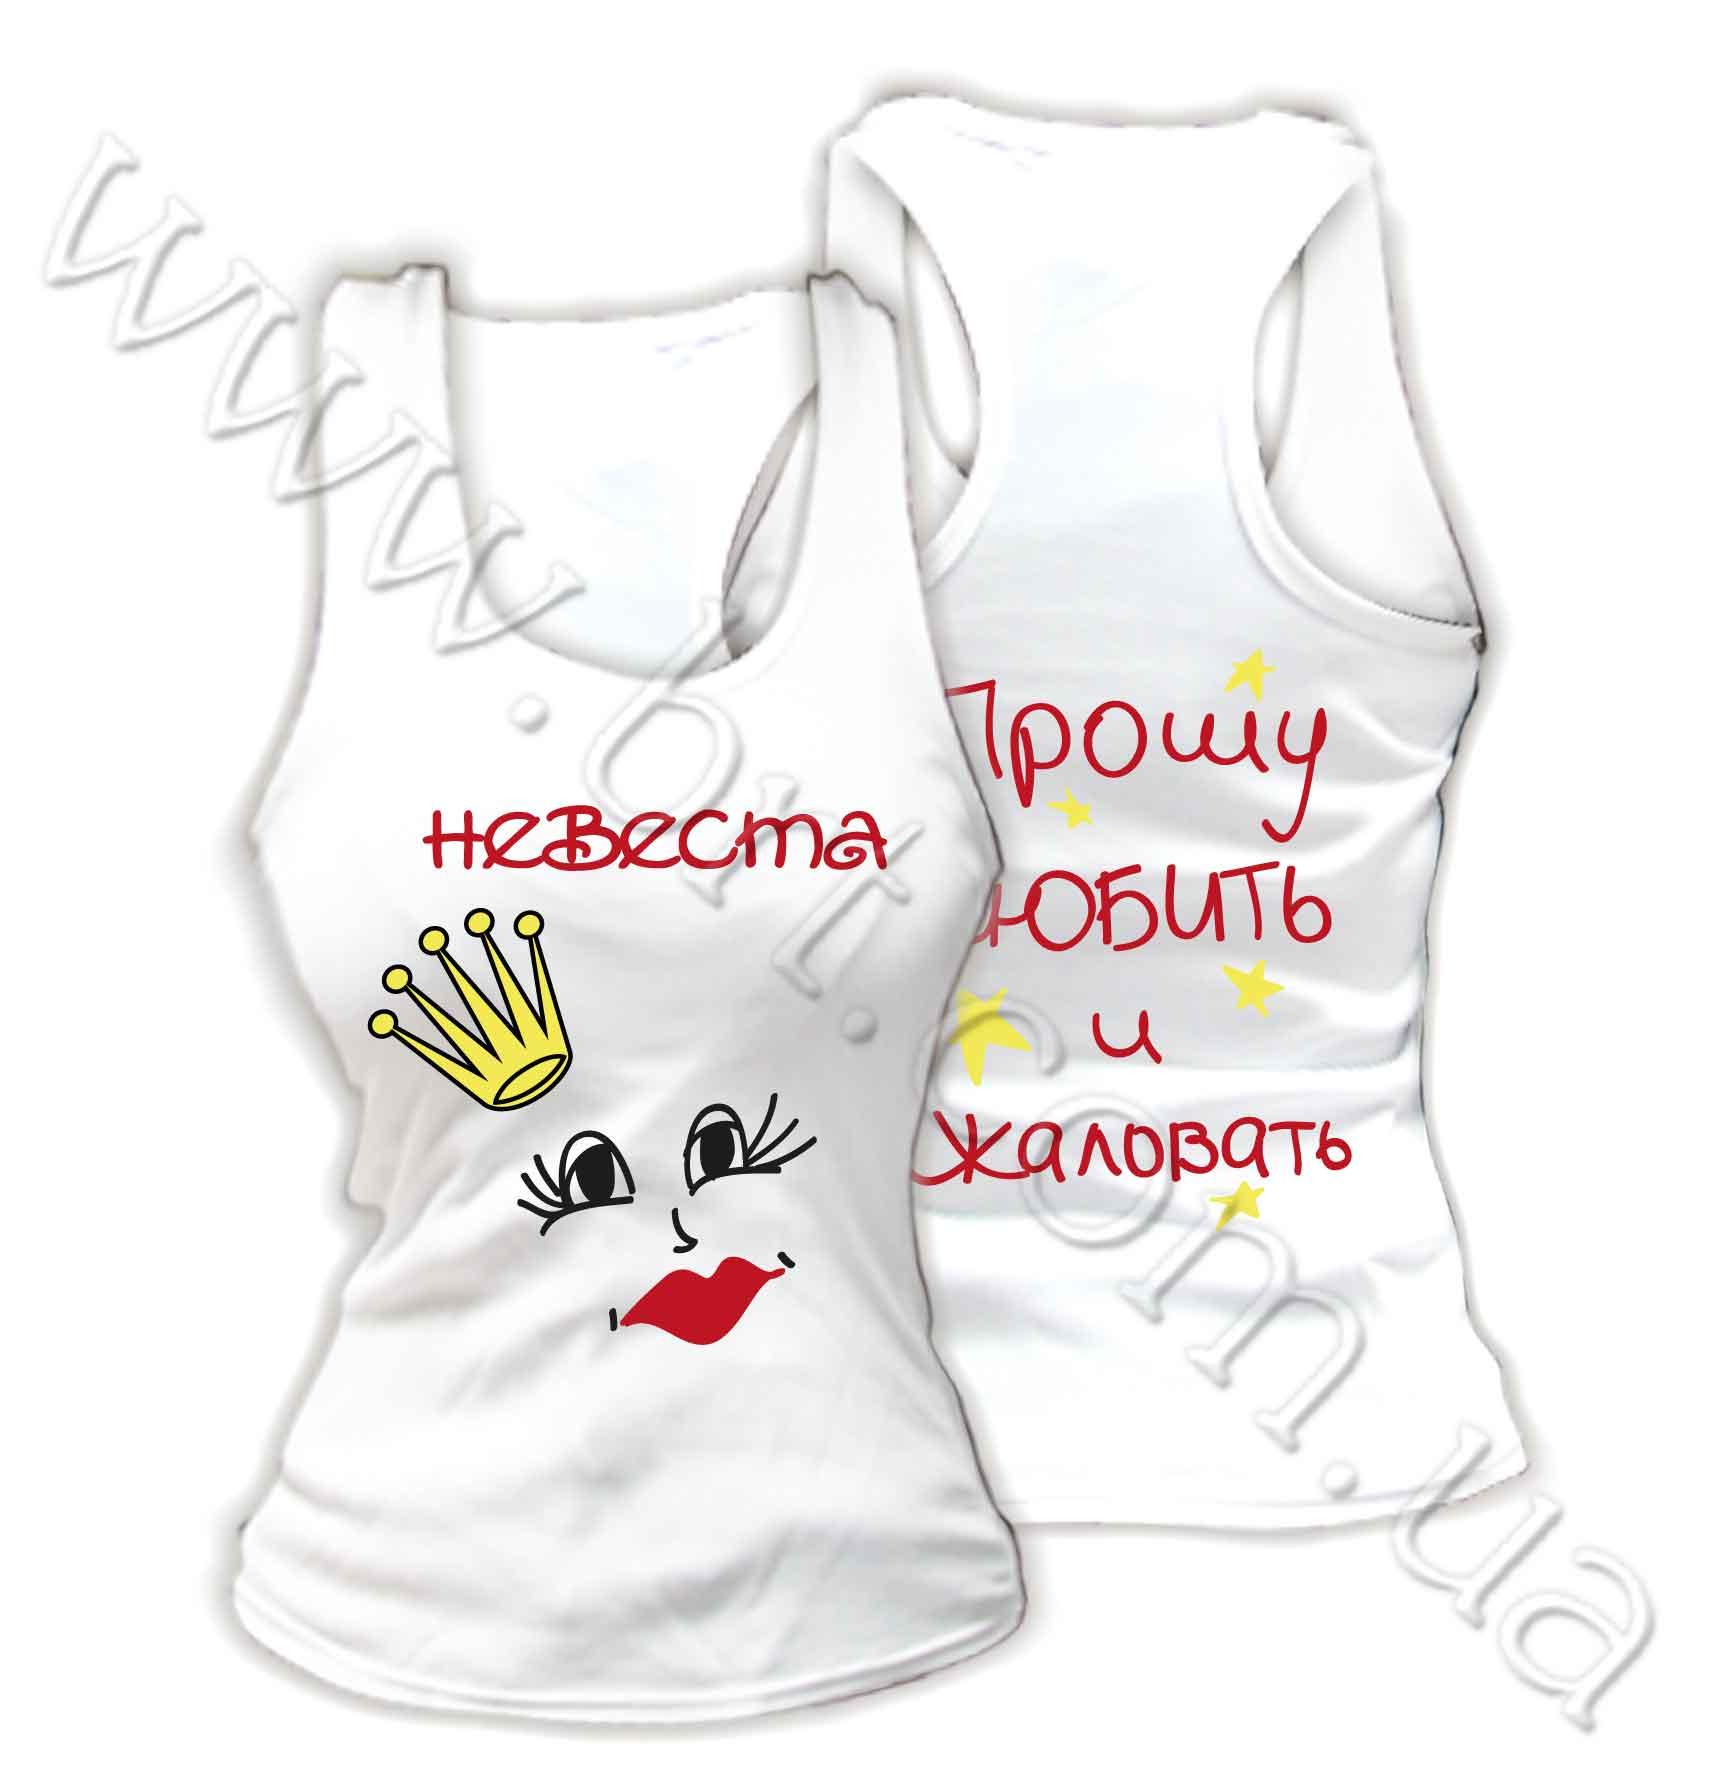 Свадебные футболки - купить футболки на свадьбу для жениха и 88